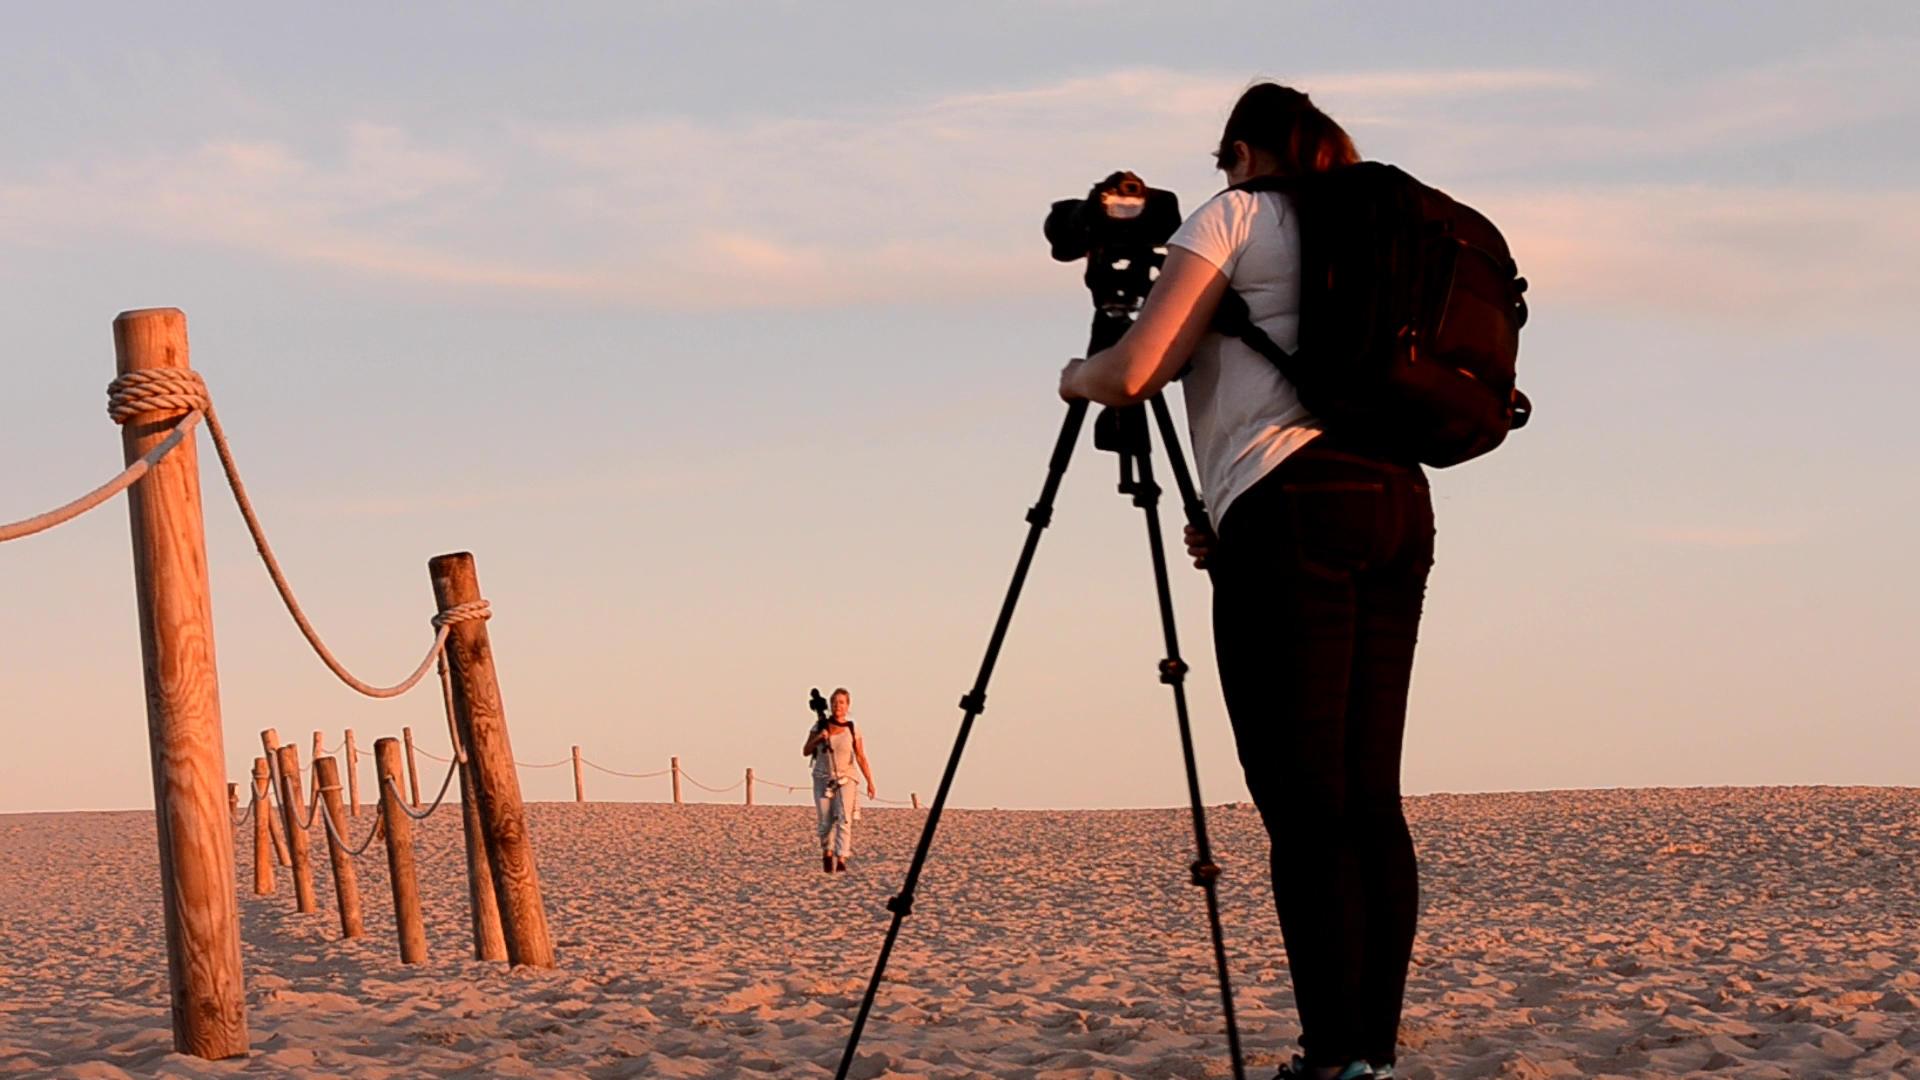 Ścieżka rozwoju fotograficznego. Czy sprzęt ma znaczenie?